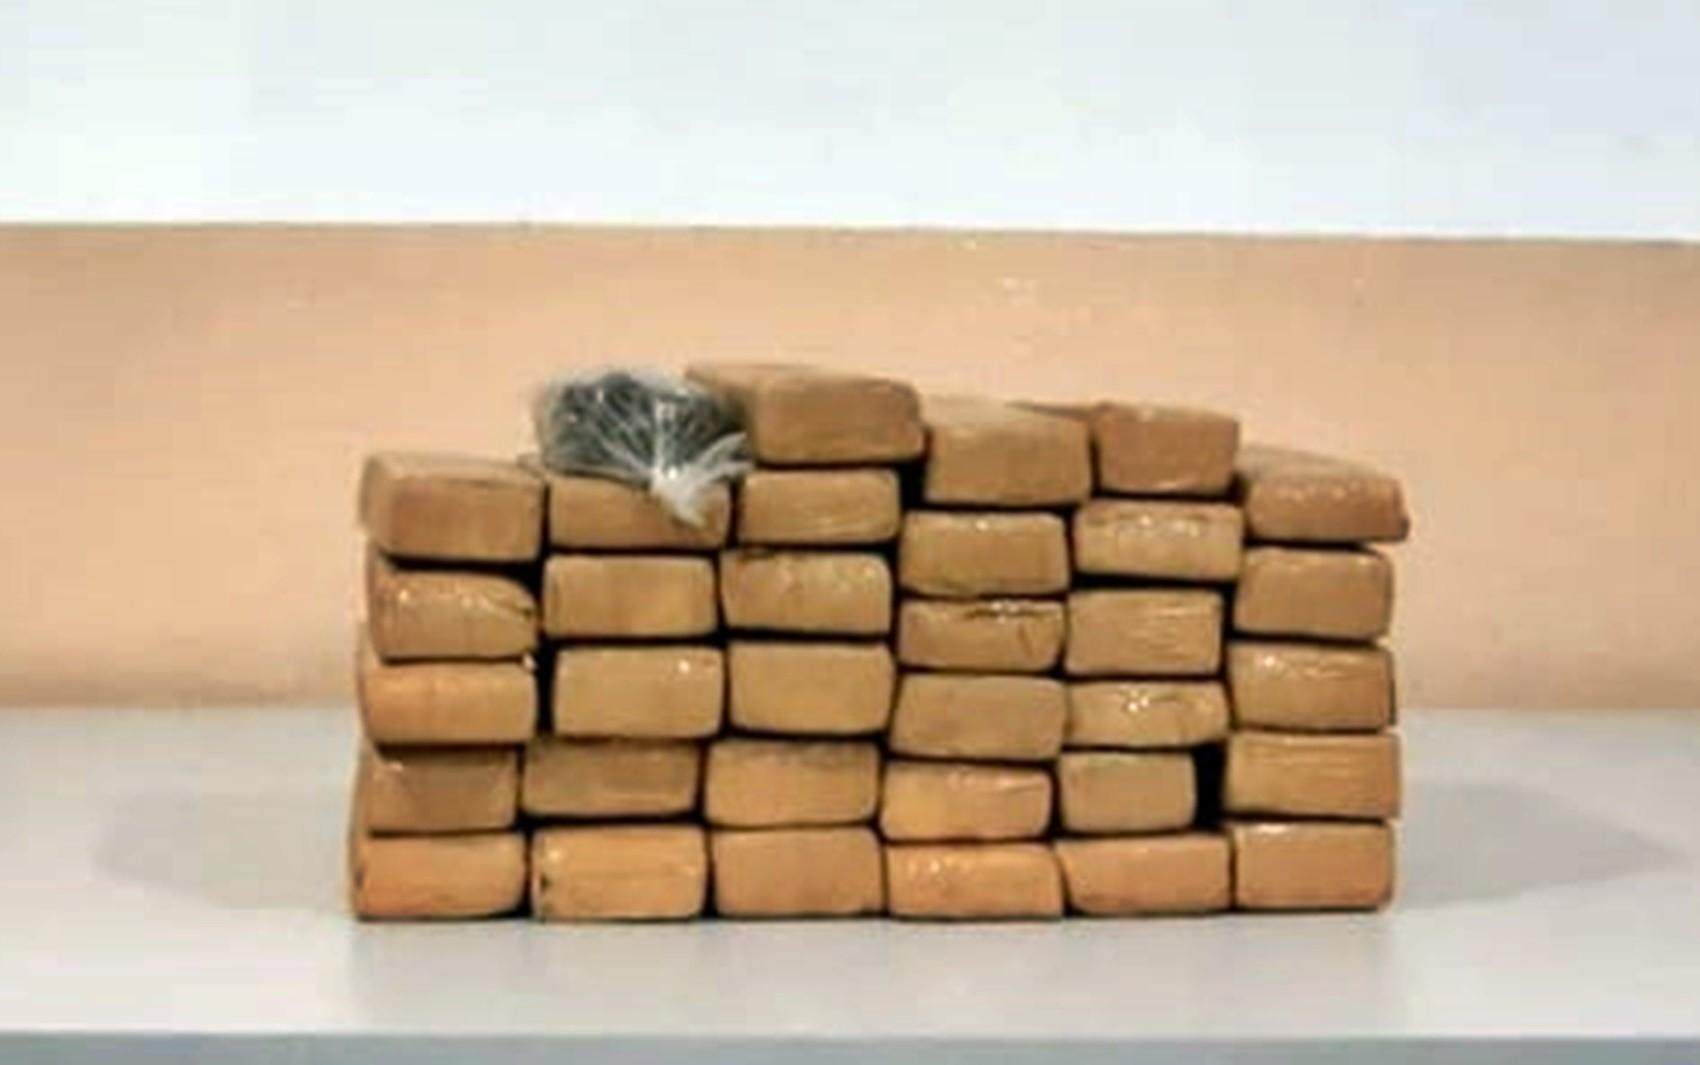 Suspeitos fogem da polícia e capotam carro com 34 tabletes de maconha em Lavras, MG